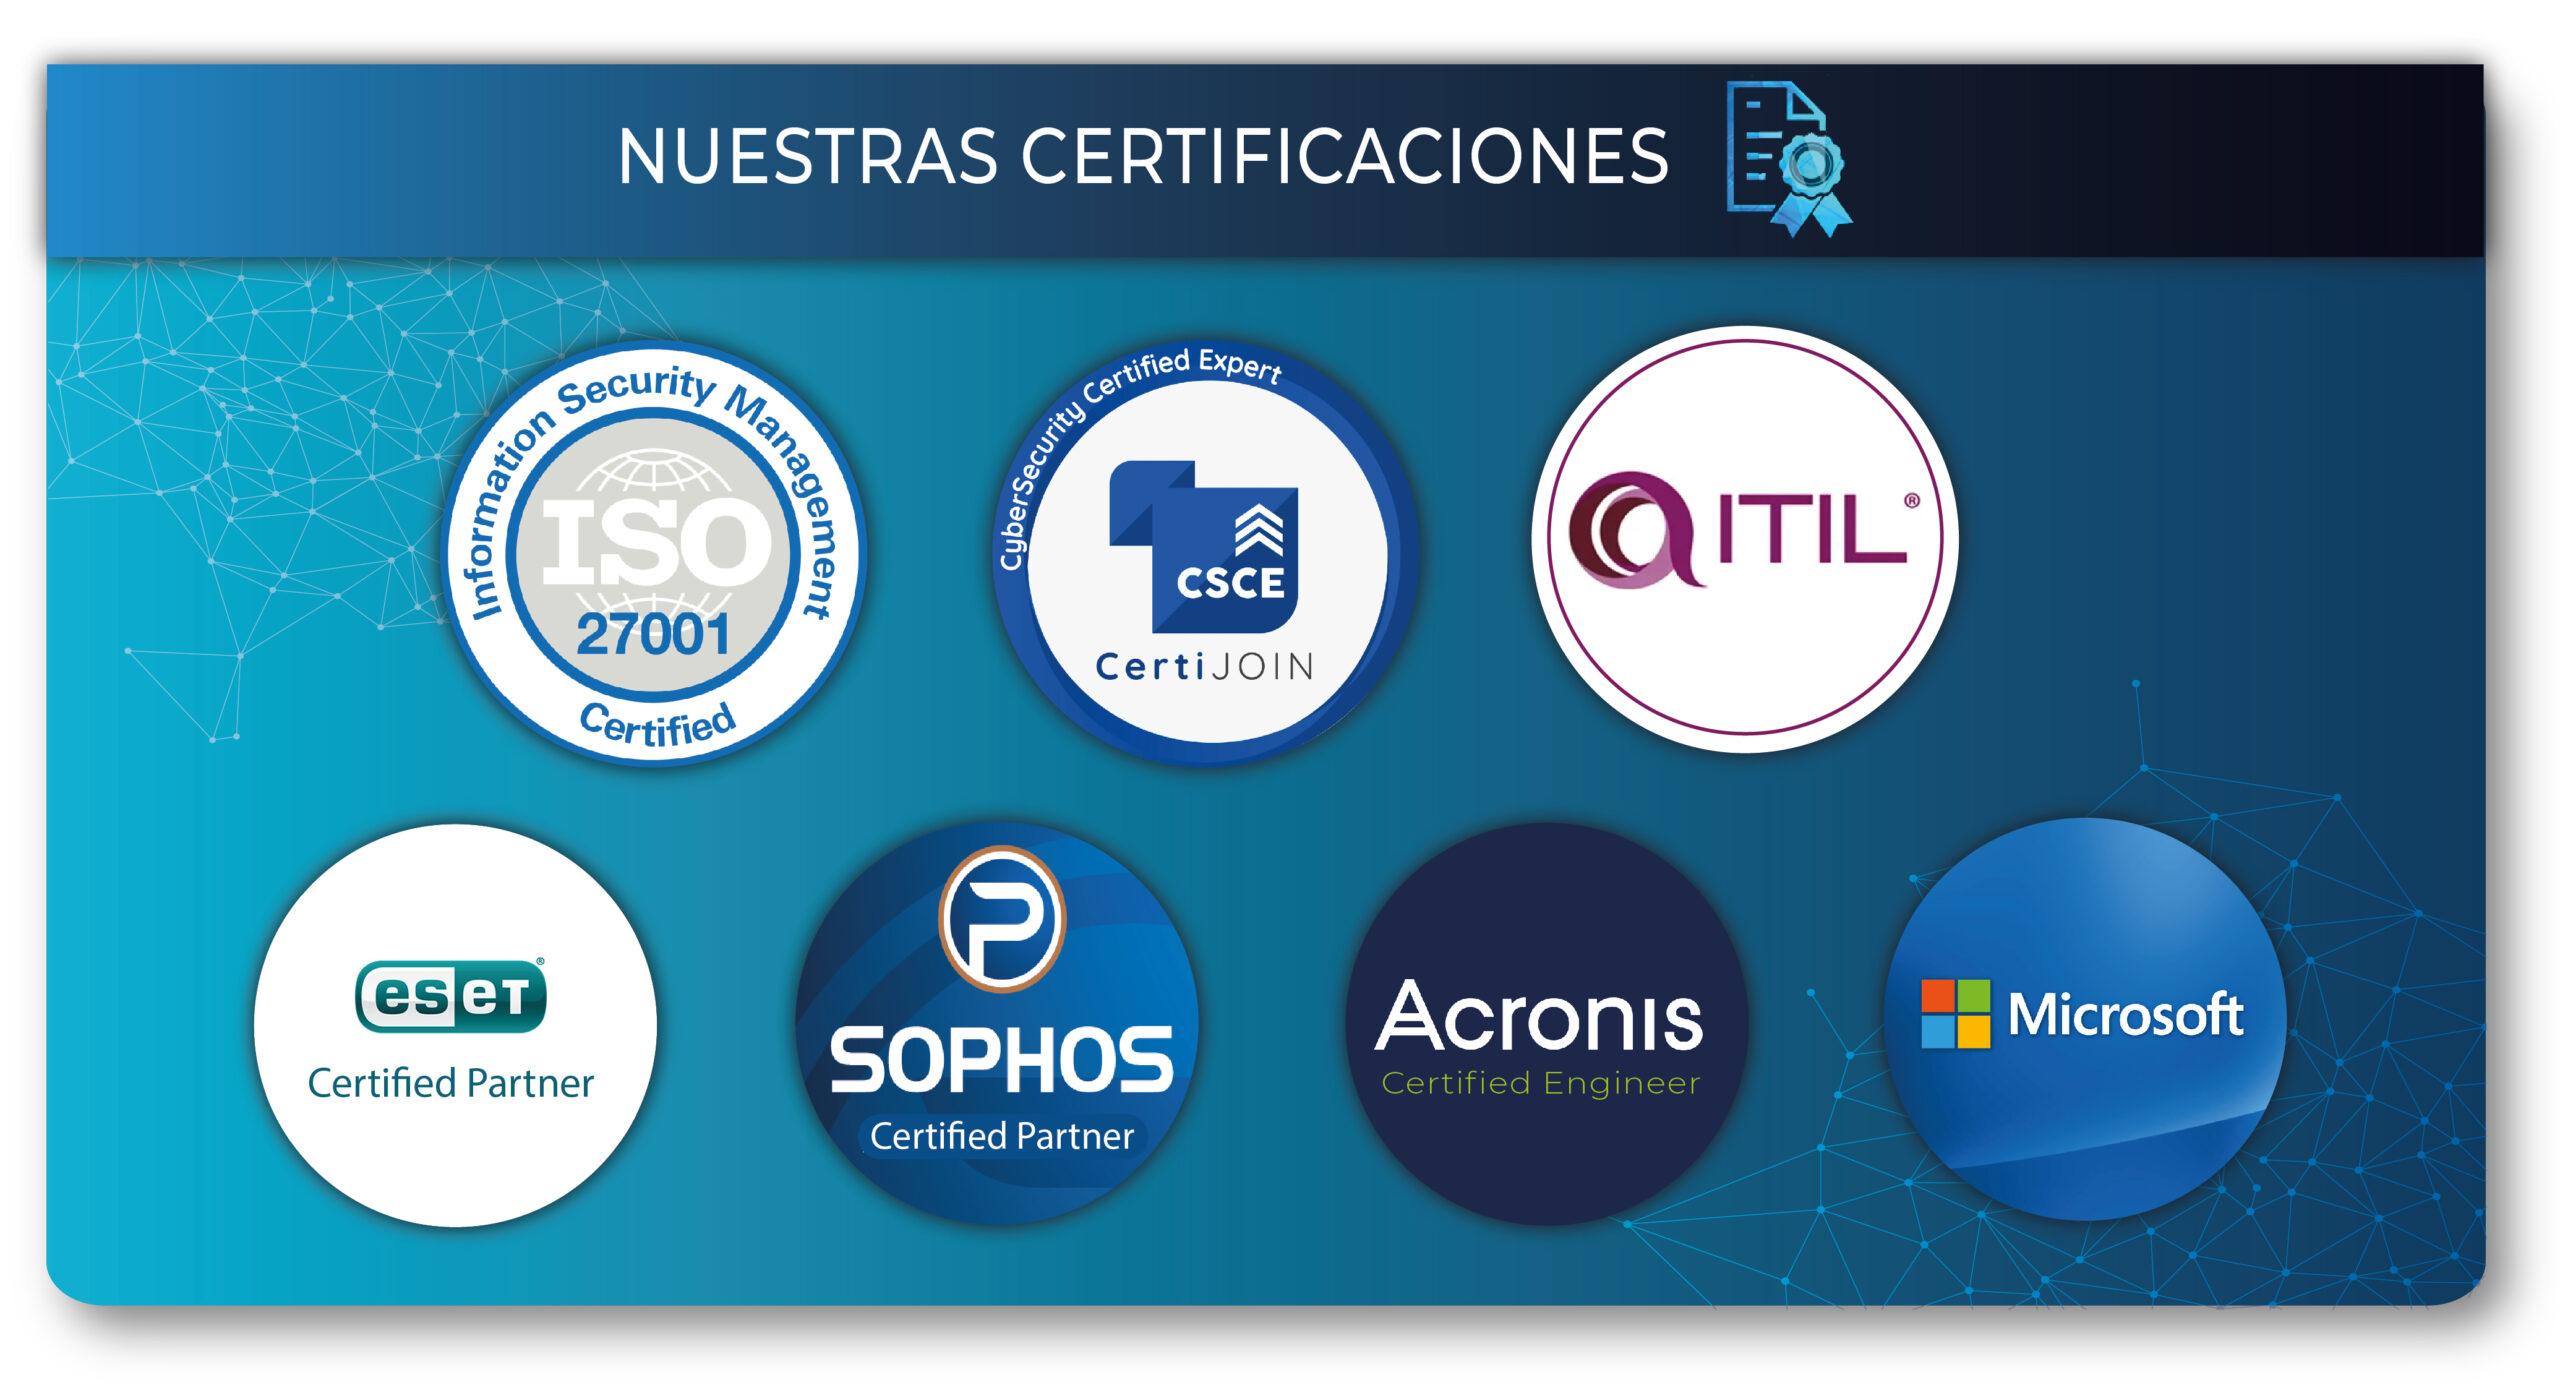 Certificaciones ITECH S.A.S